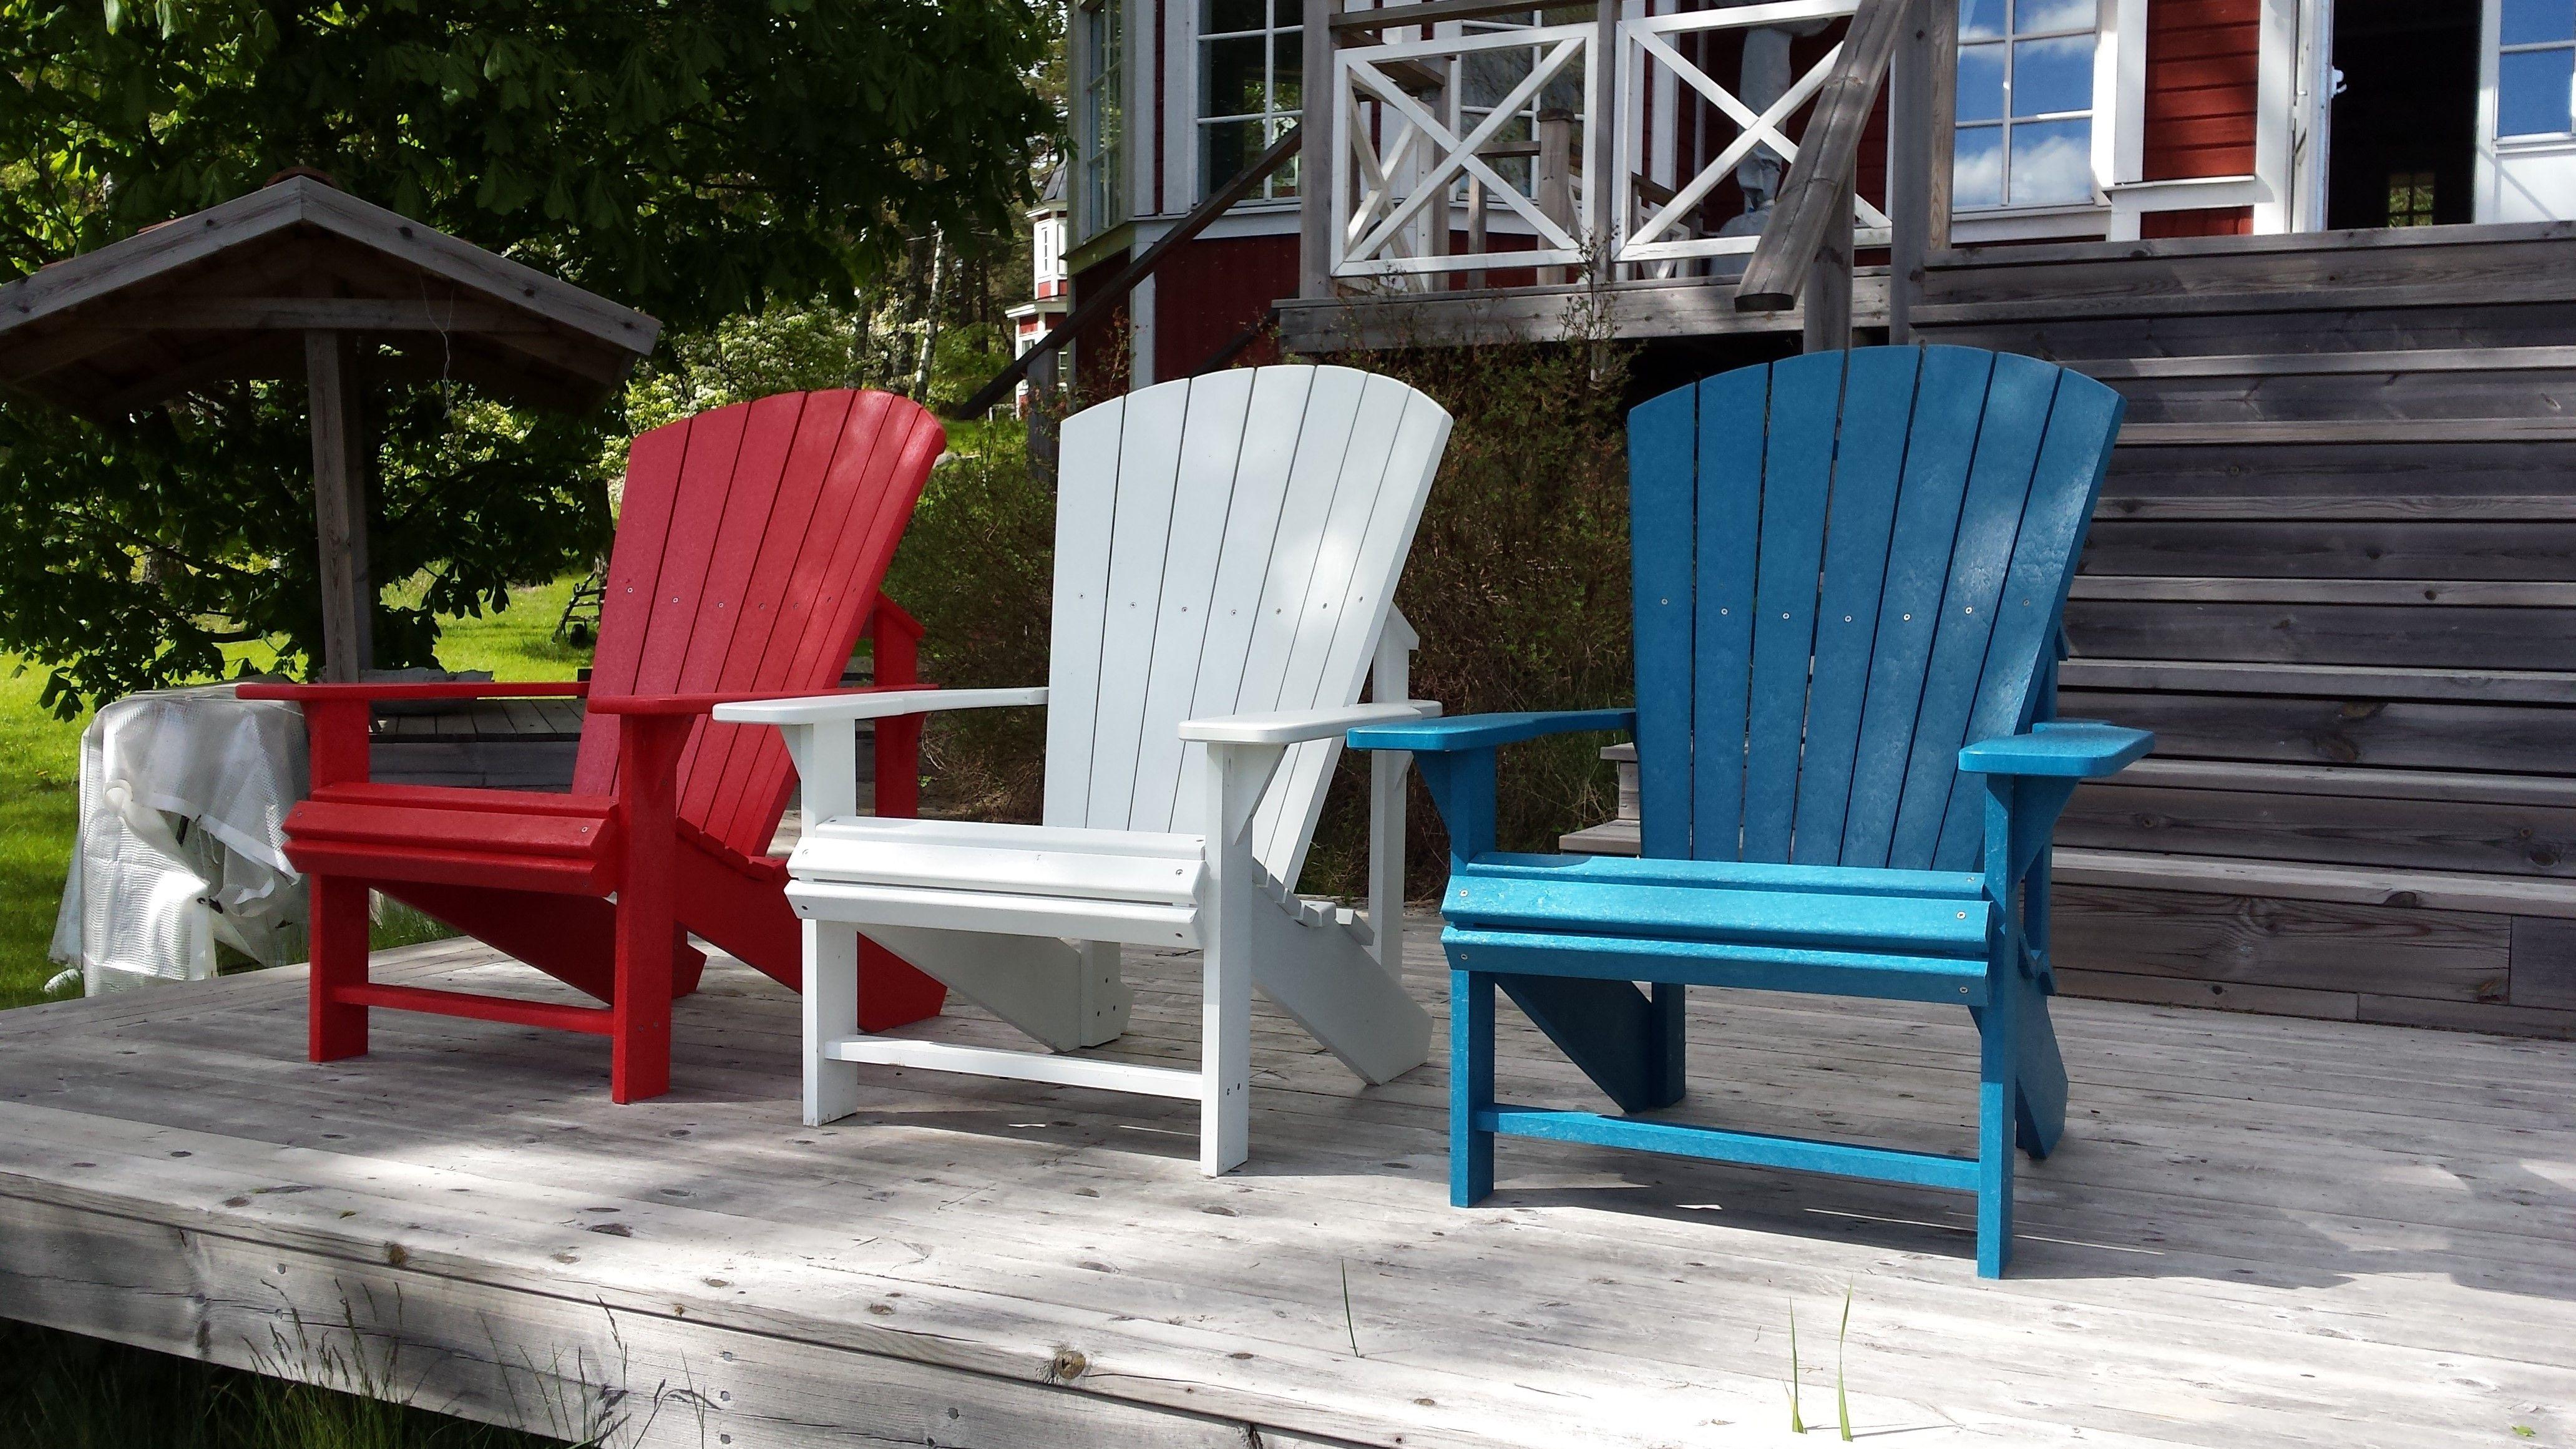 Underhållsfria utemöbler med 10 års garanti från Canada Finns hos Caraff. #trädgårdsmöbler #viivilla  #adirondackiplast #återvunnenplast #adirondack #adirondackstol #trädgårdsmöbler #sommar #uteliv #utemöbler